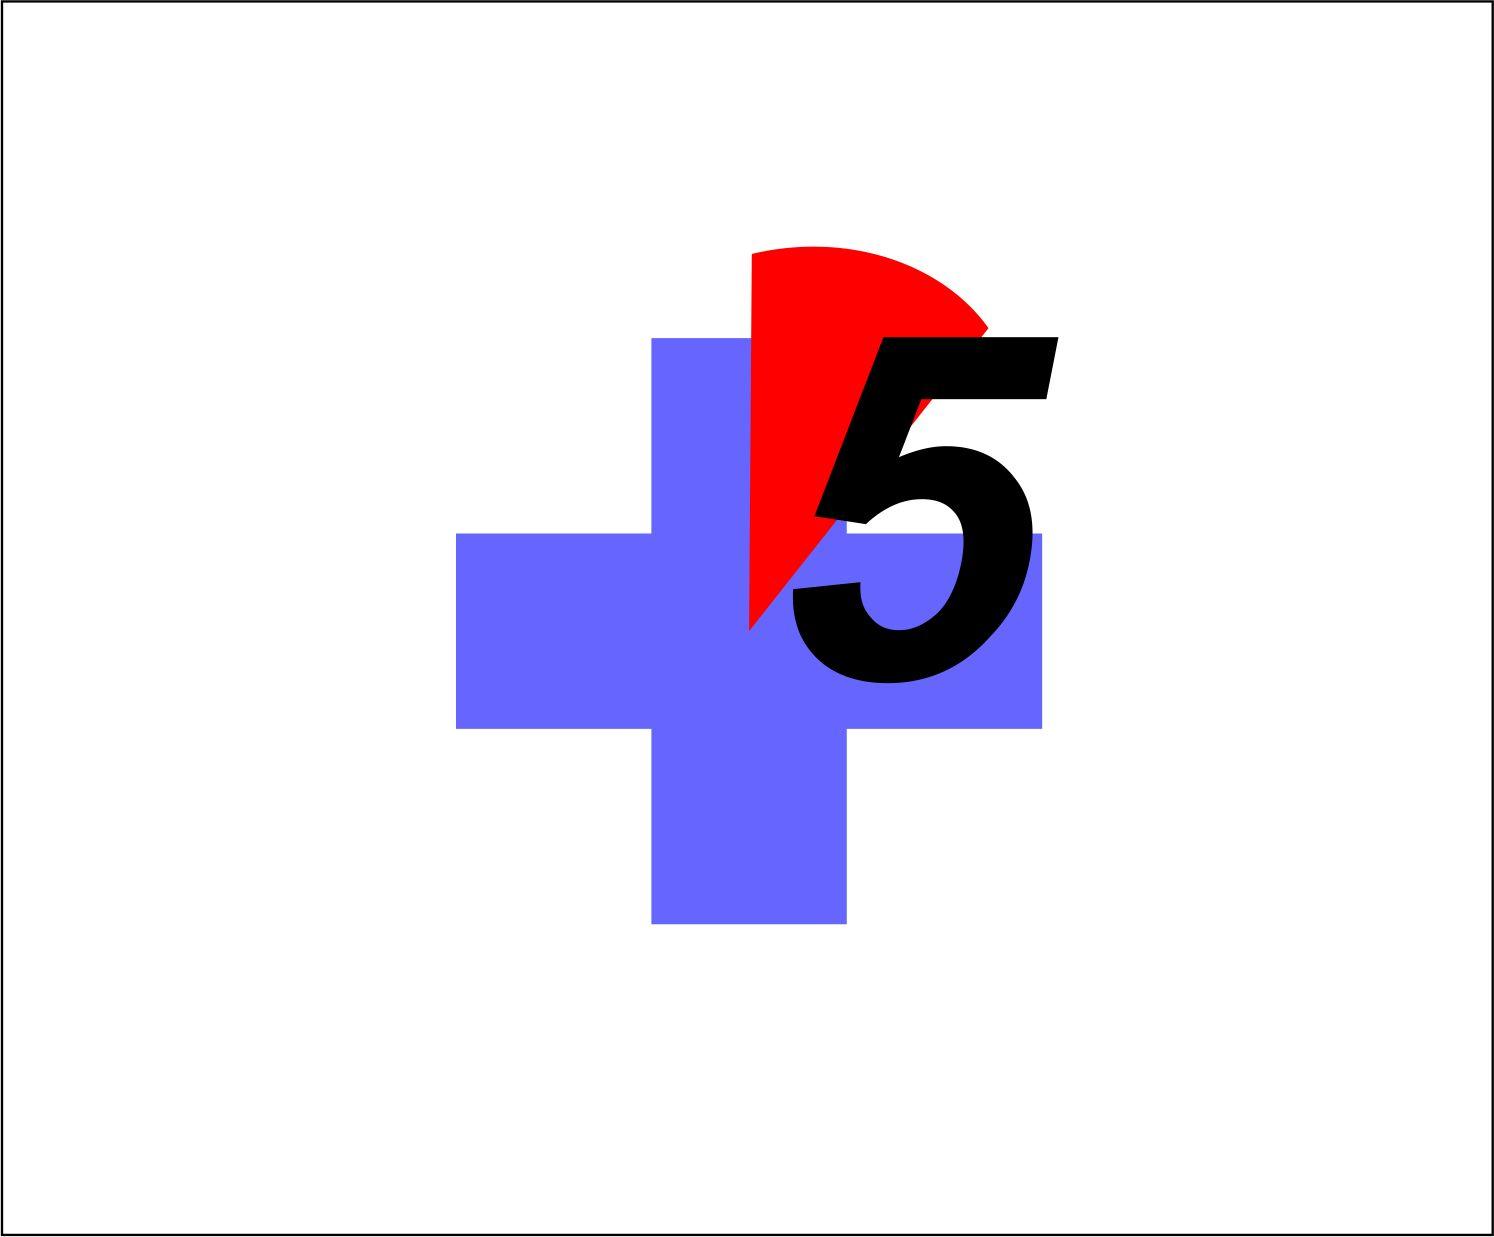 Готовый логотип или эскиз (мед. тематика) фото f_73555acb99b94dae.jpg